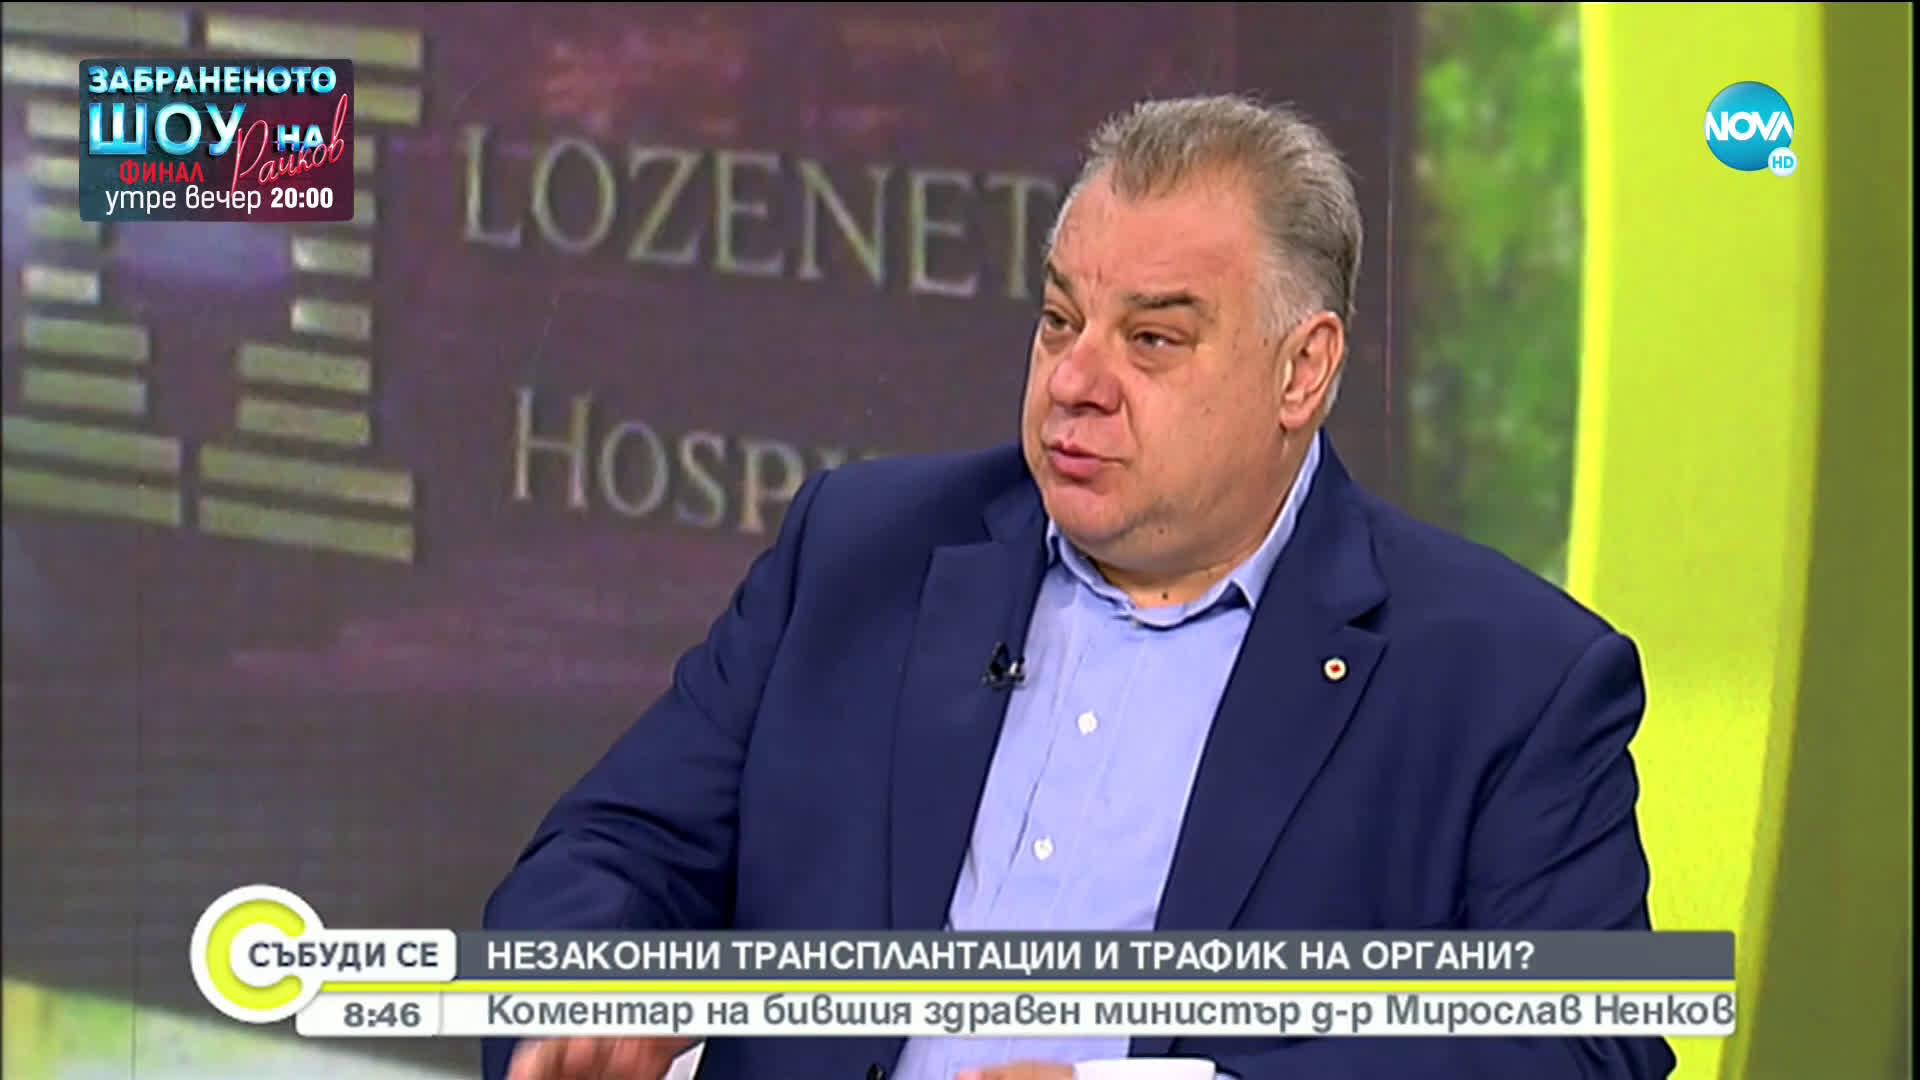 """Ненков за """"Лозенец"""": Ако се докаже, че има незаконни трансплантации, това трябва да бъде посечено с"""